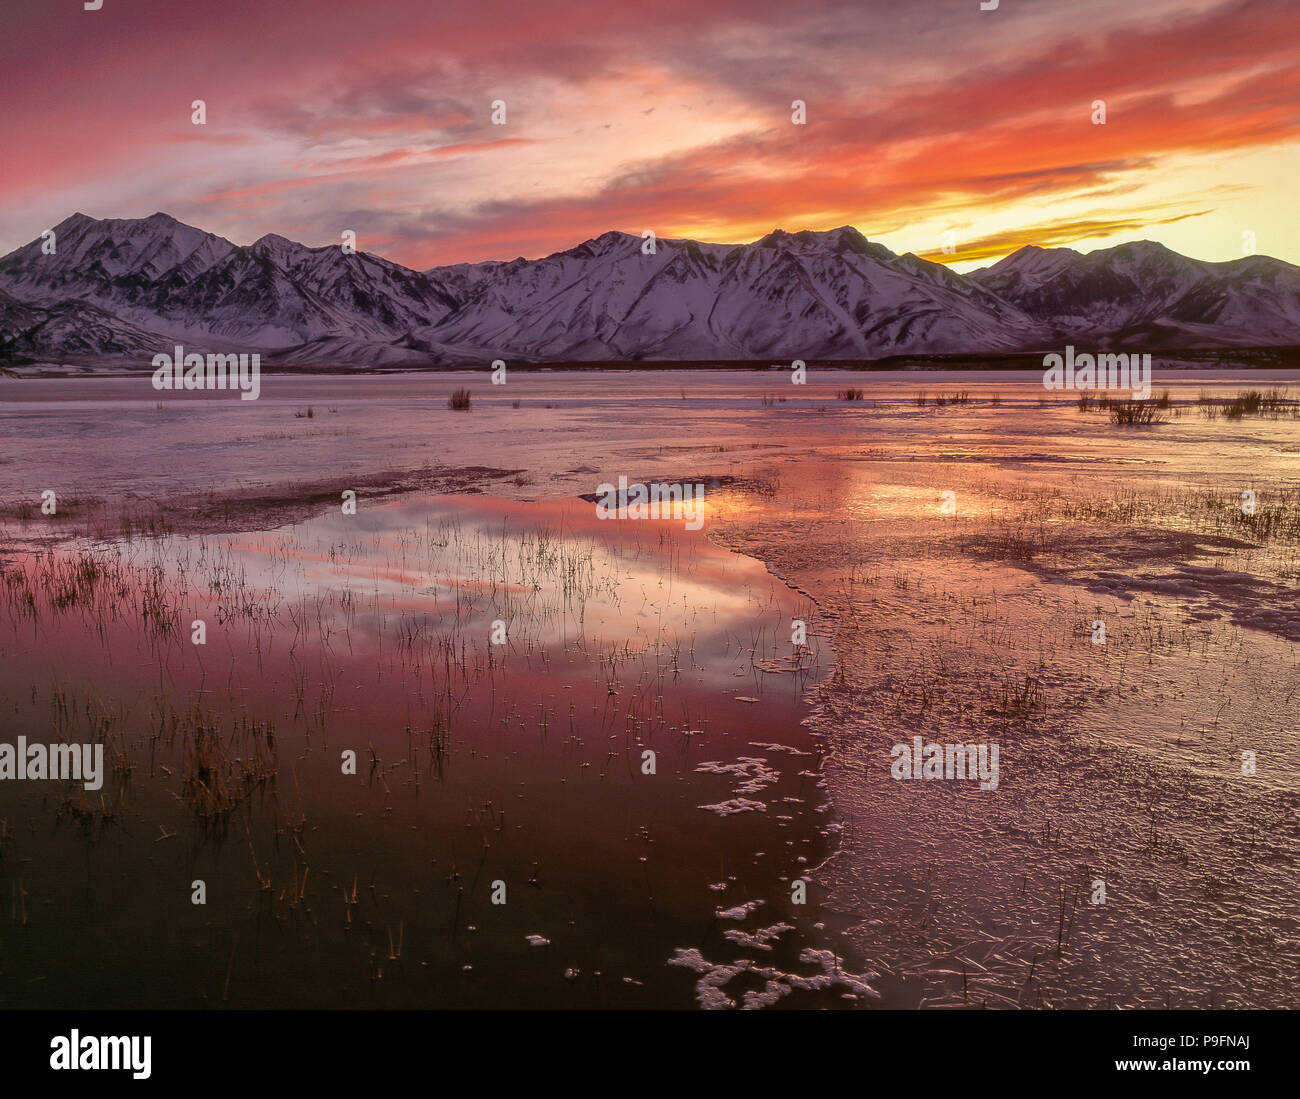 Sonnenuntergang, Crowley Lake, Inyo National Forest, östlichen Sierra, Kalifornien Stockbild